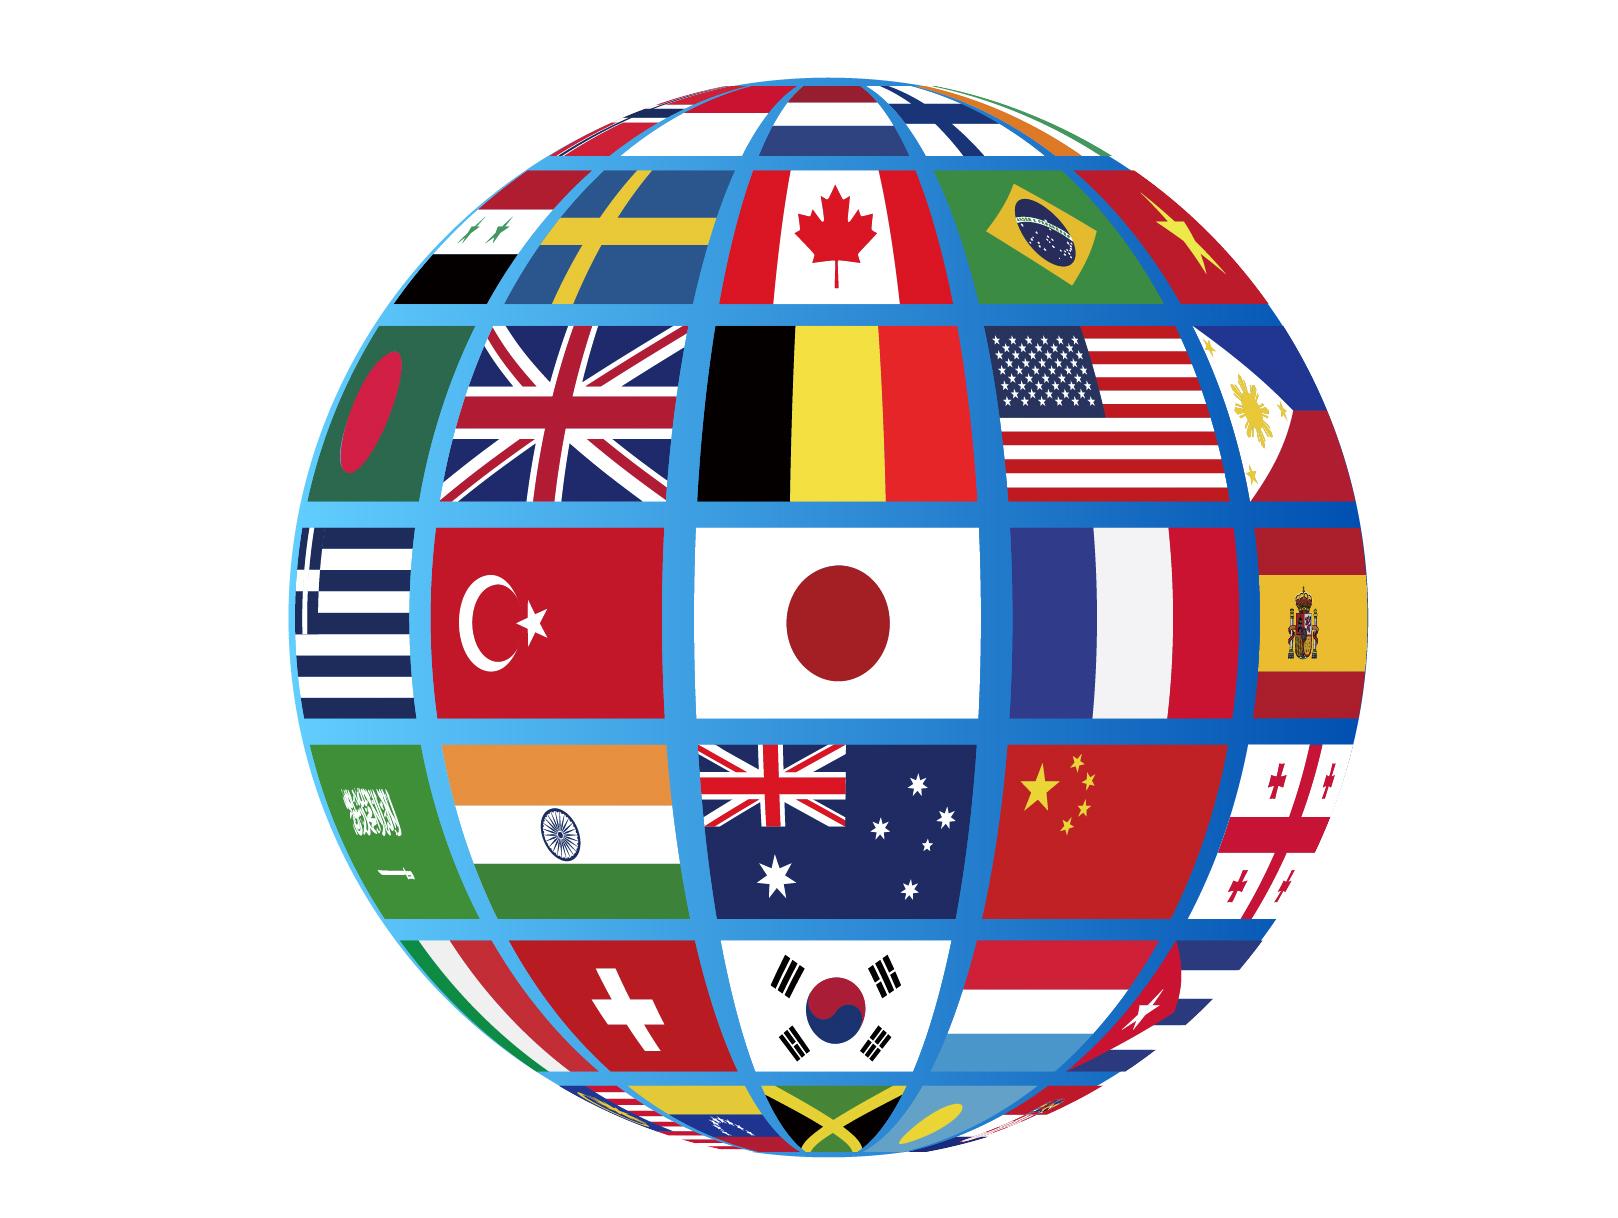 経済連携協定(EPA)とはどんな協定なのか。TPPとの違いは